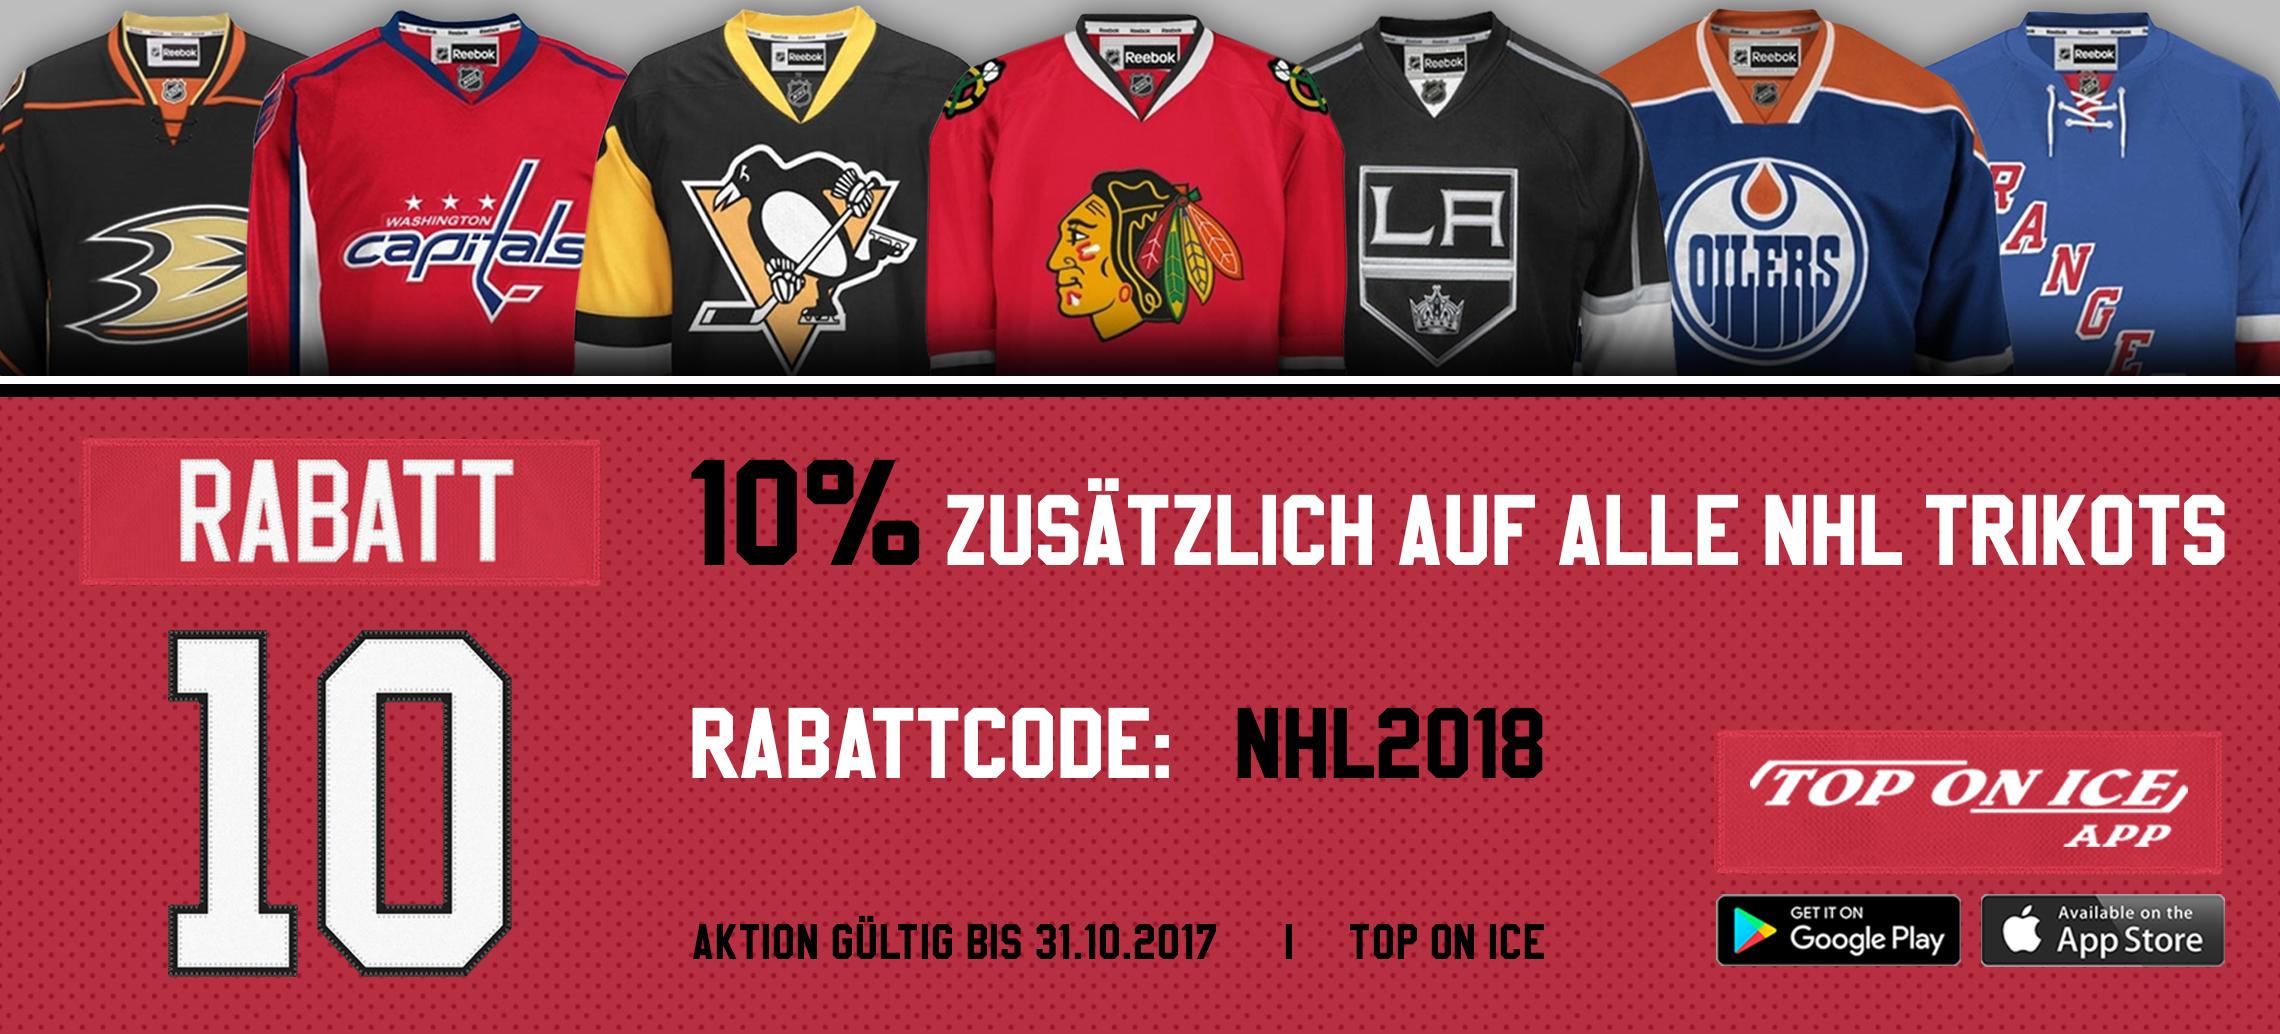 NHL Trikots